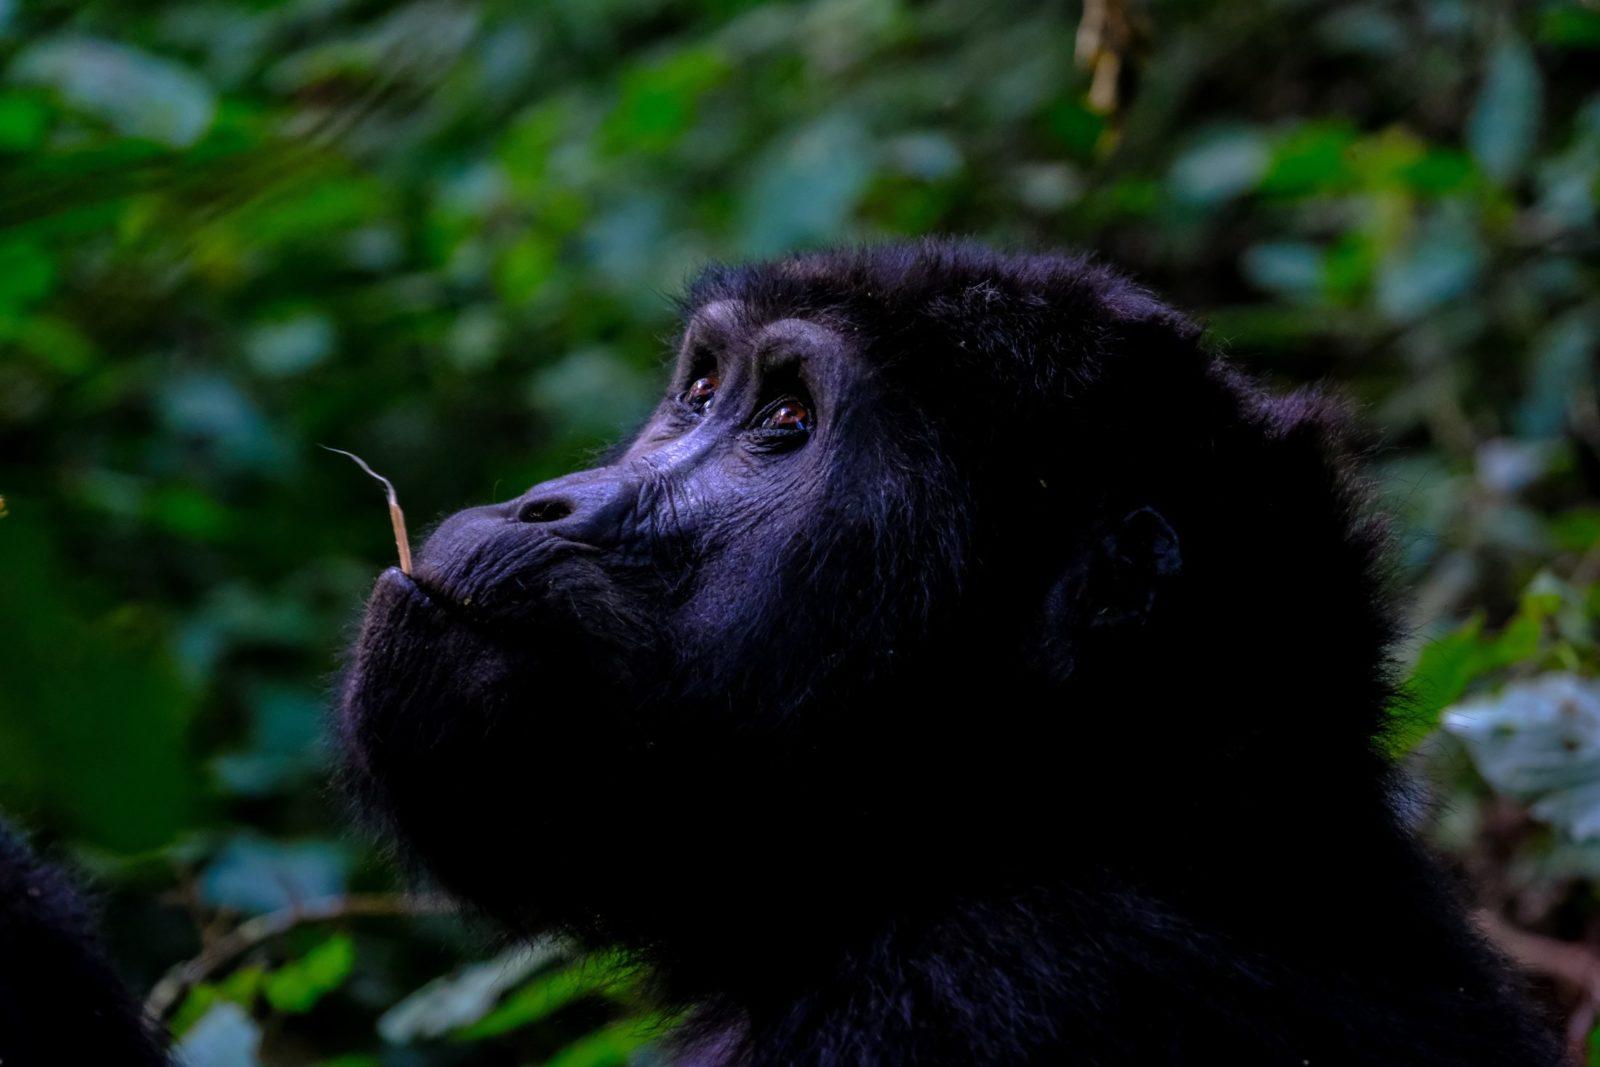 Sonhar com gorila comendo é bom presságio.